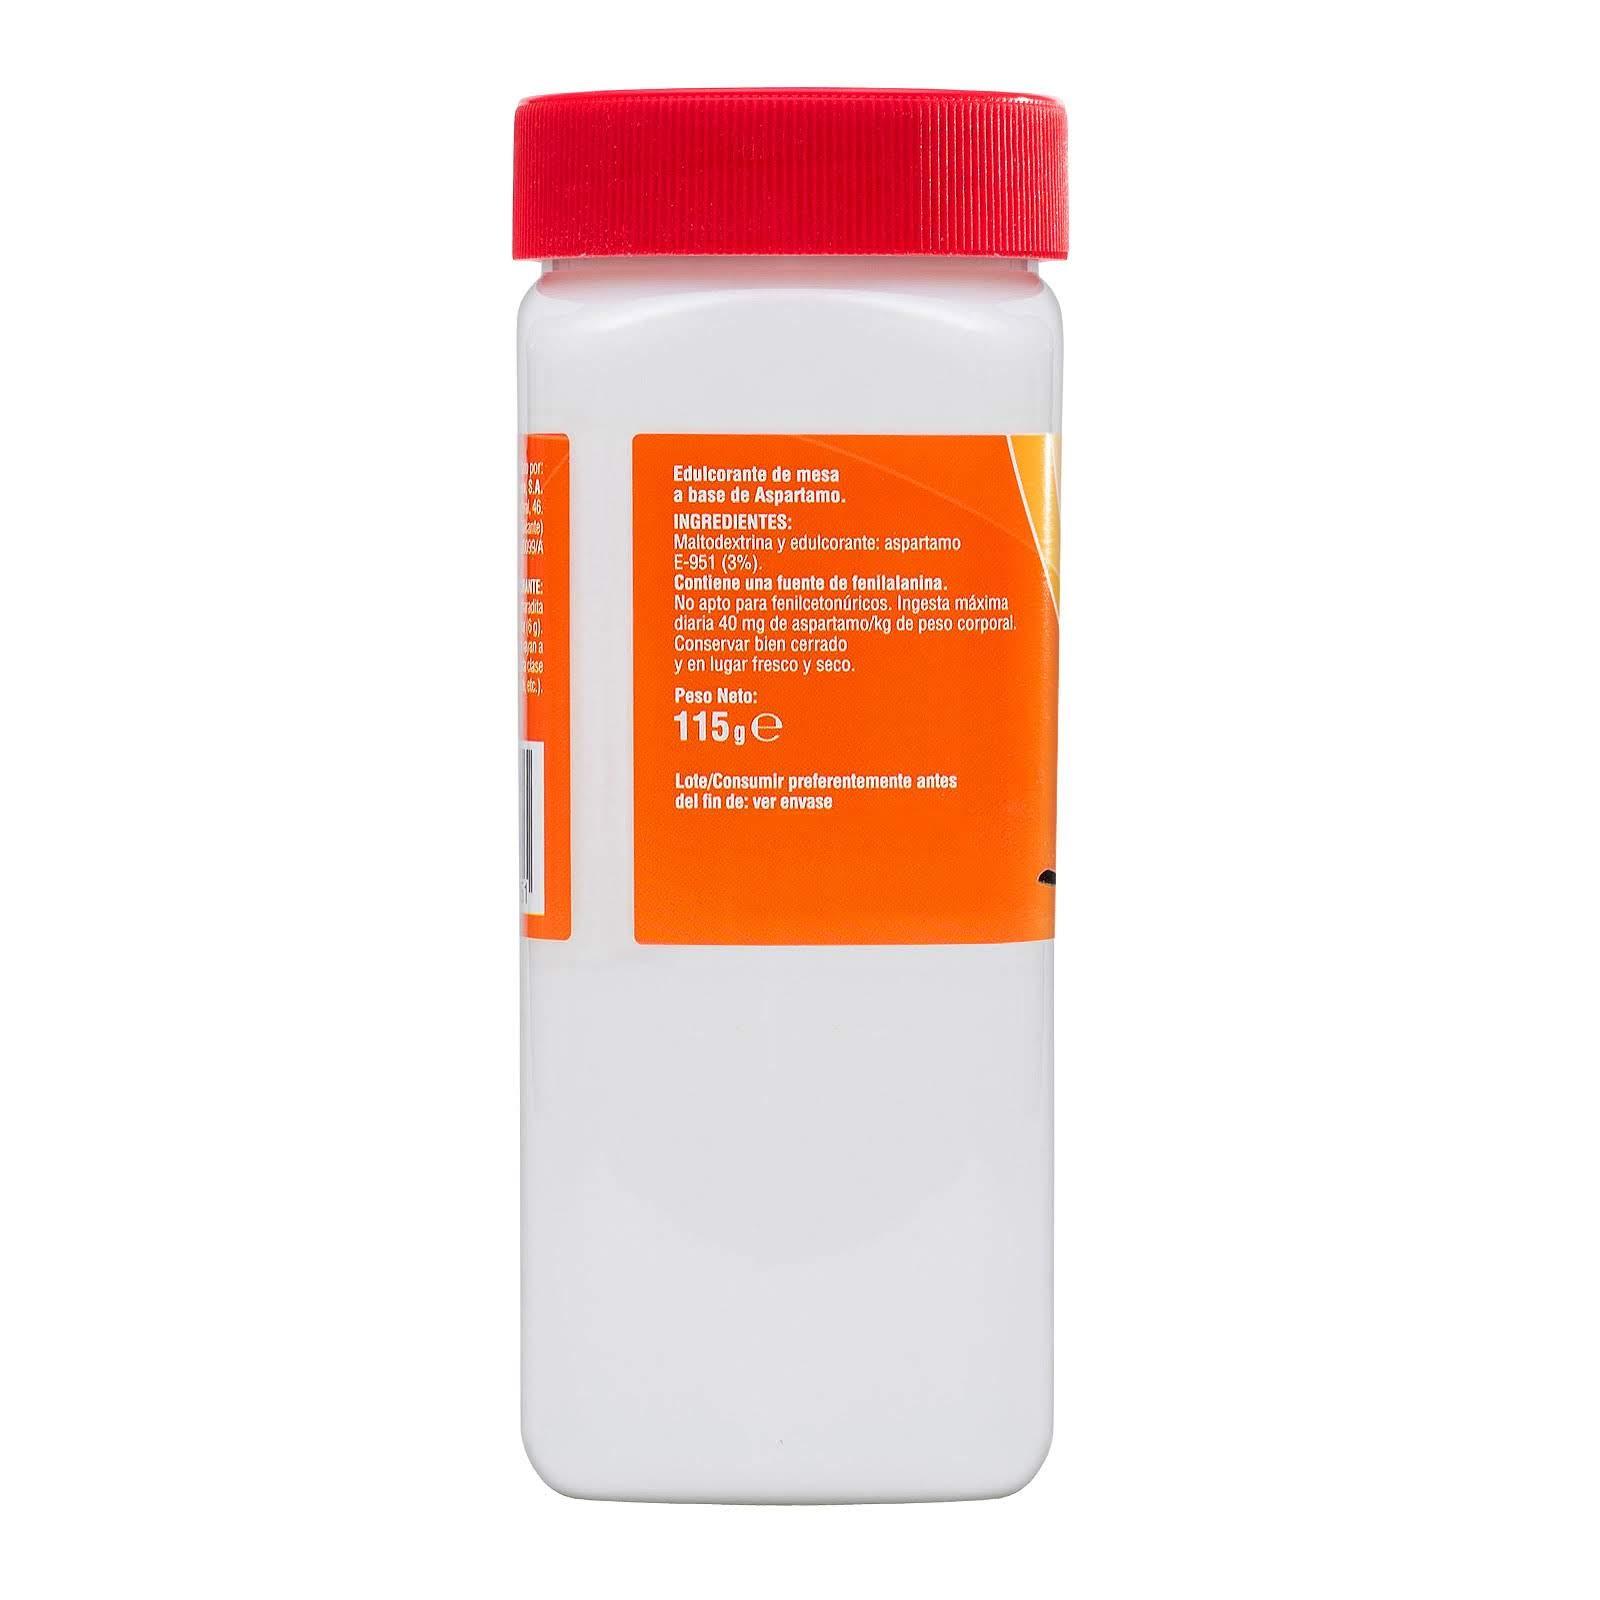 Edulcorante de aspartamo y acesulfamo potásico granulado Hacendado